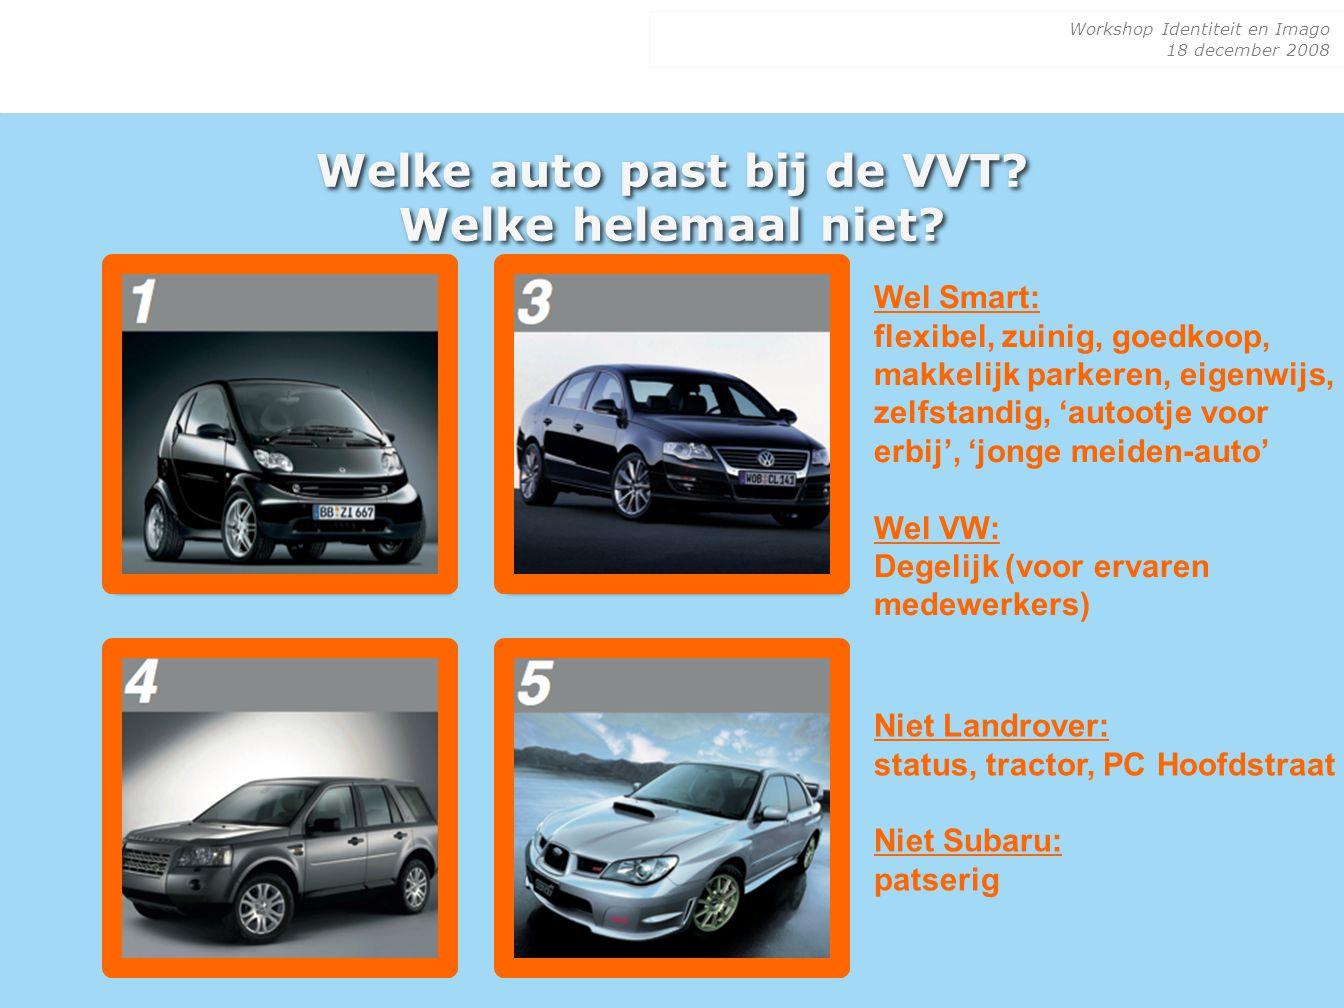 Workshop Identiteit en Imago 18 december 2008 Welke auto past bij de VVT? Welke helemaal niet? Wel Smart: flexibel, zuinig, goedkoop, makkelijk parker